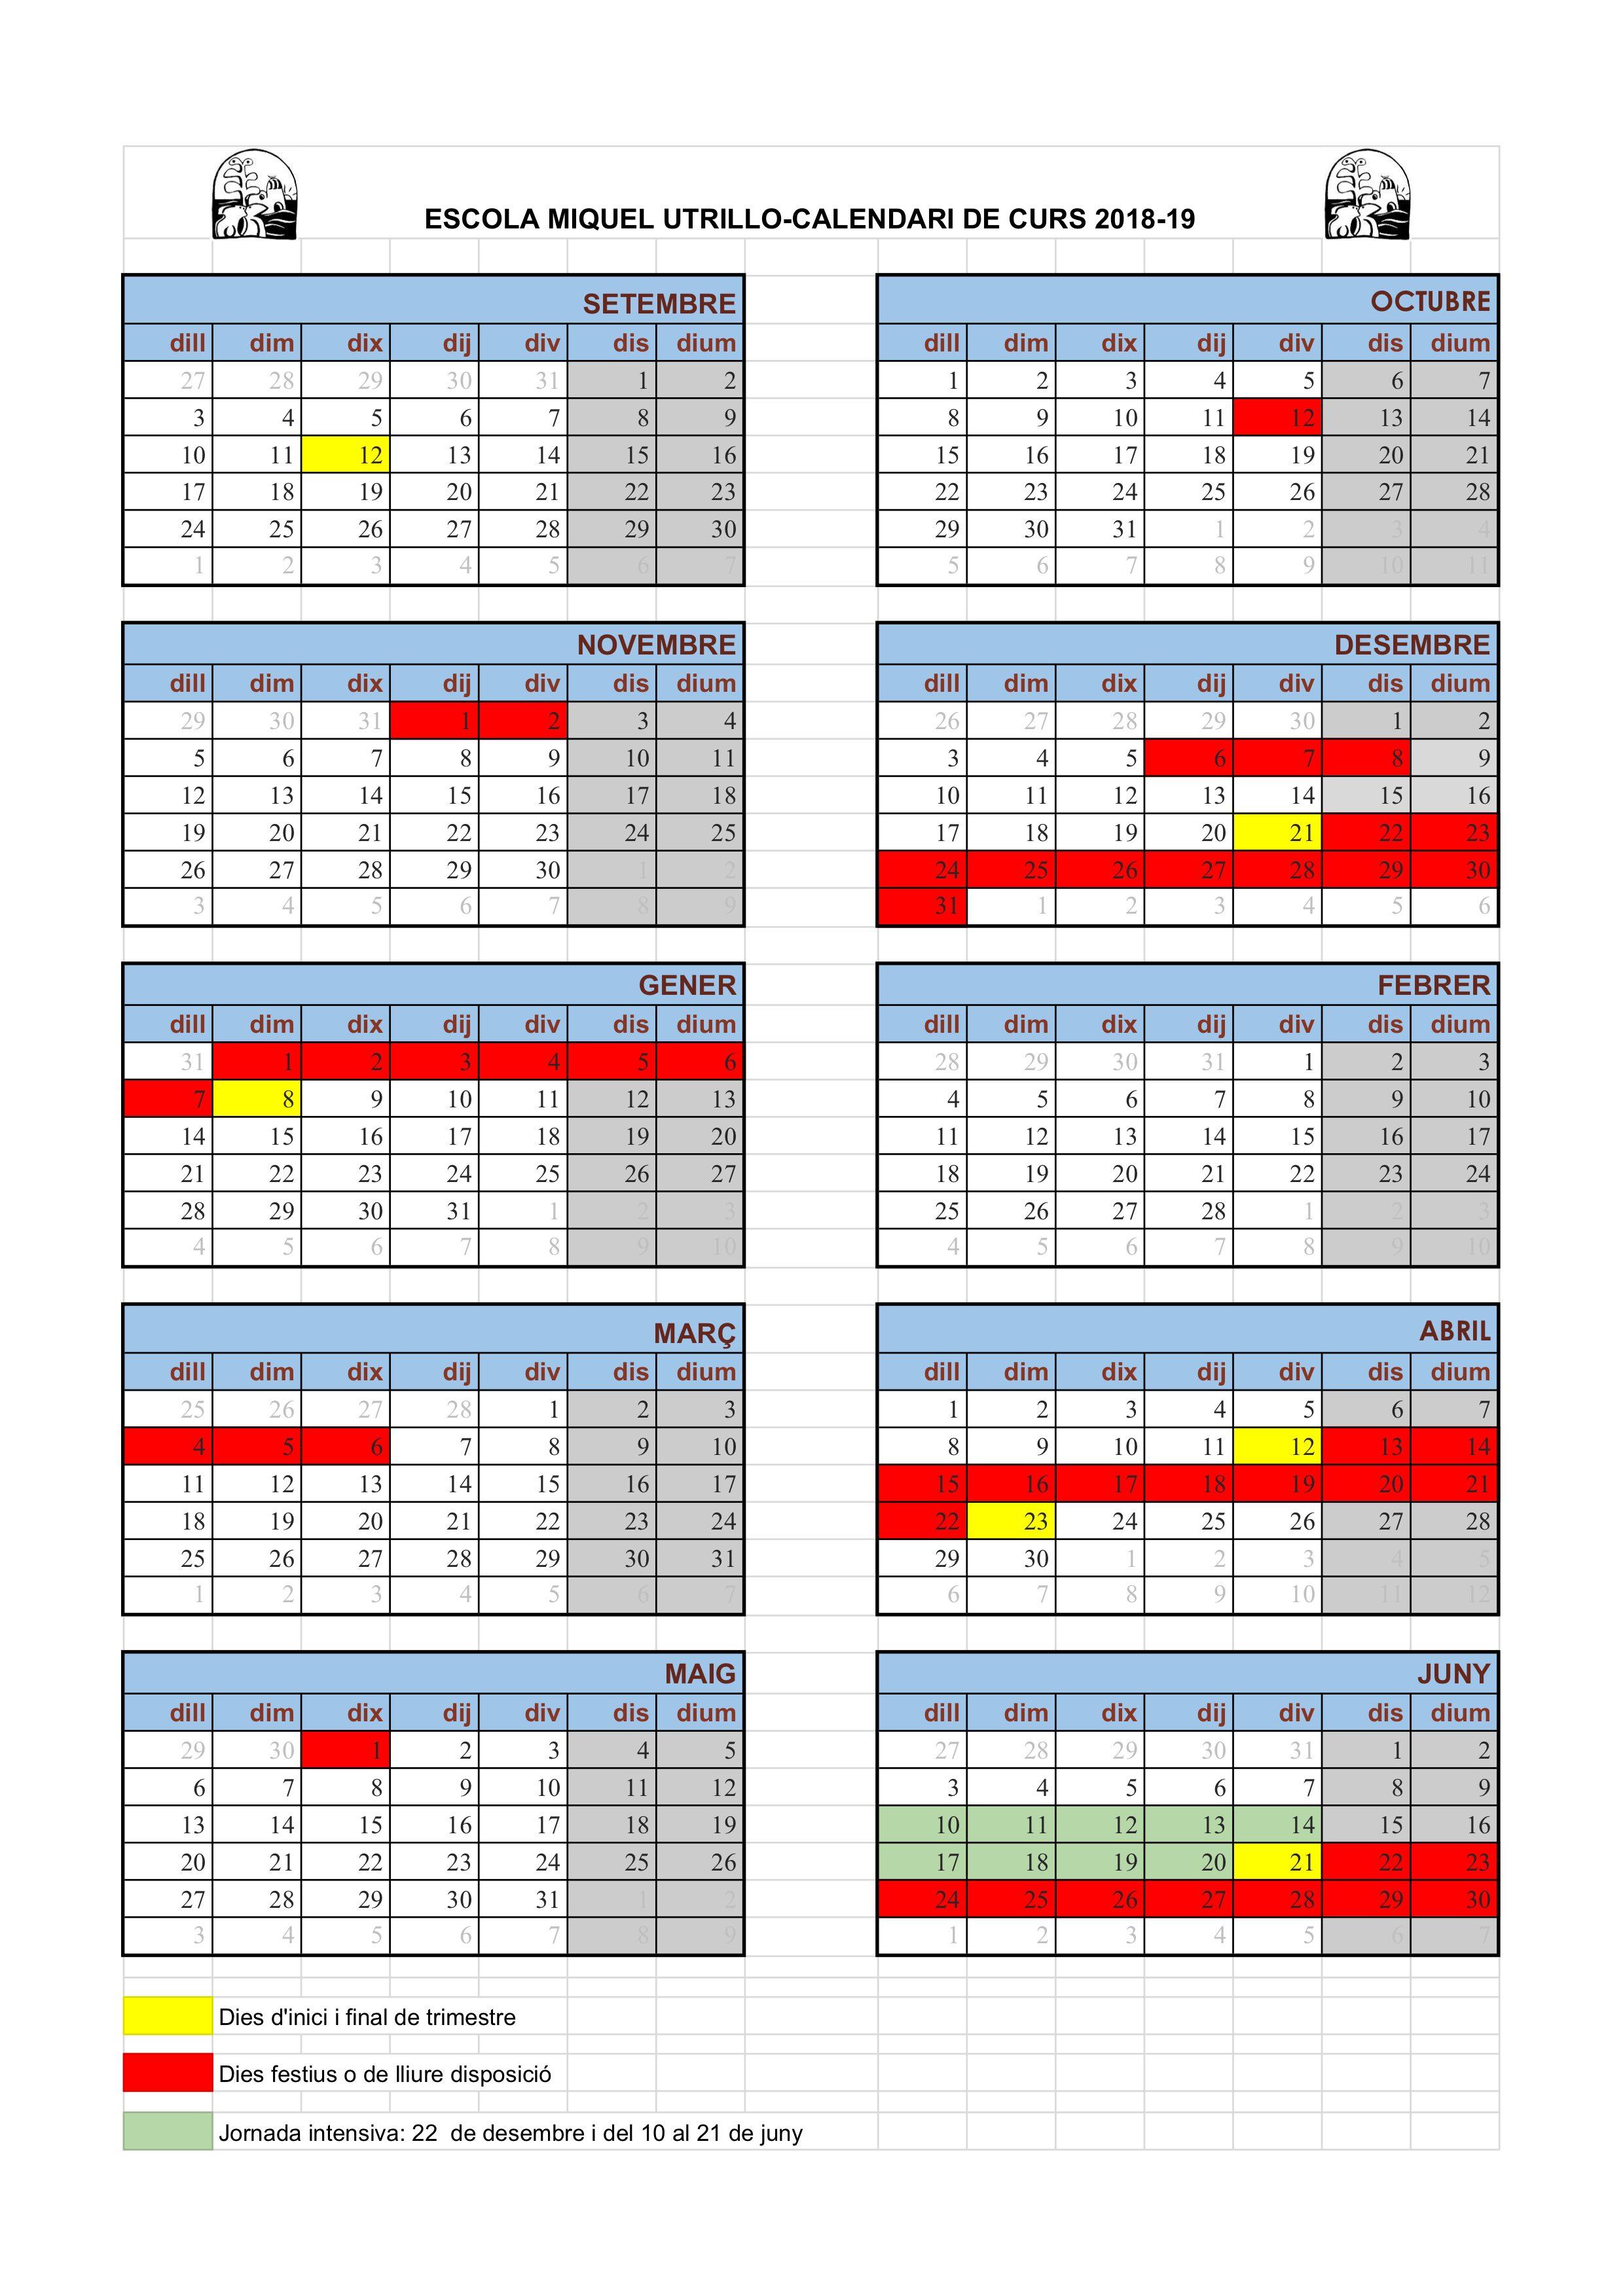 calendari curs 18-19 - Full 2